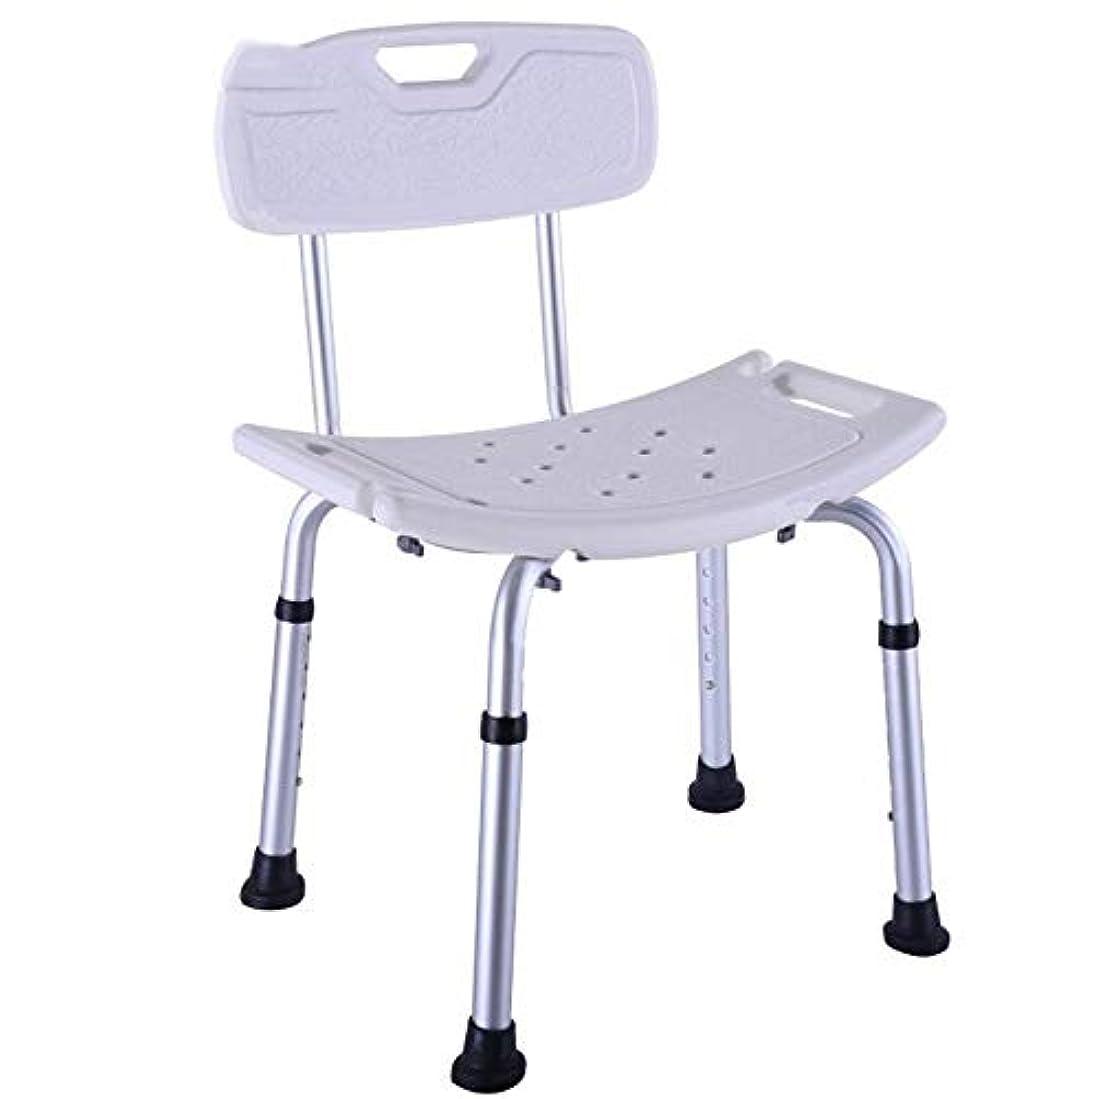 そこ社員一元化する高齢者のための調節可能な高さのシャワーチェア